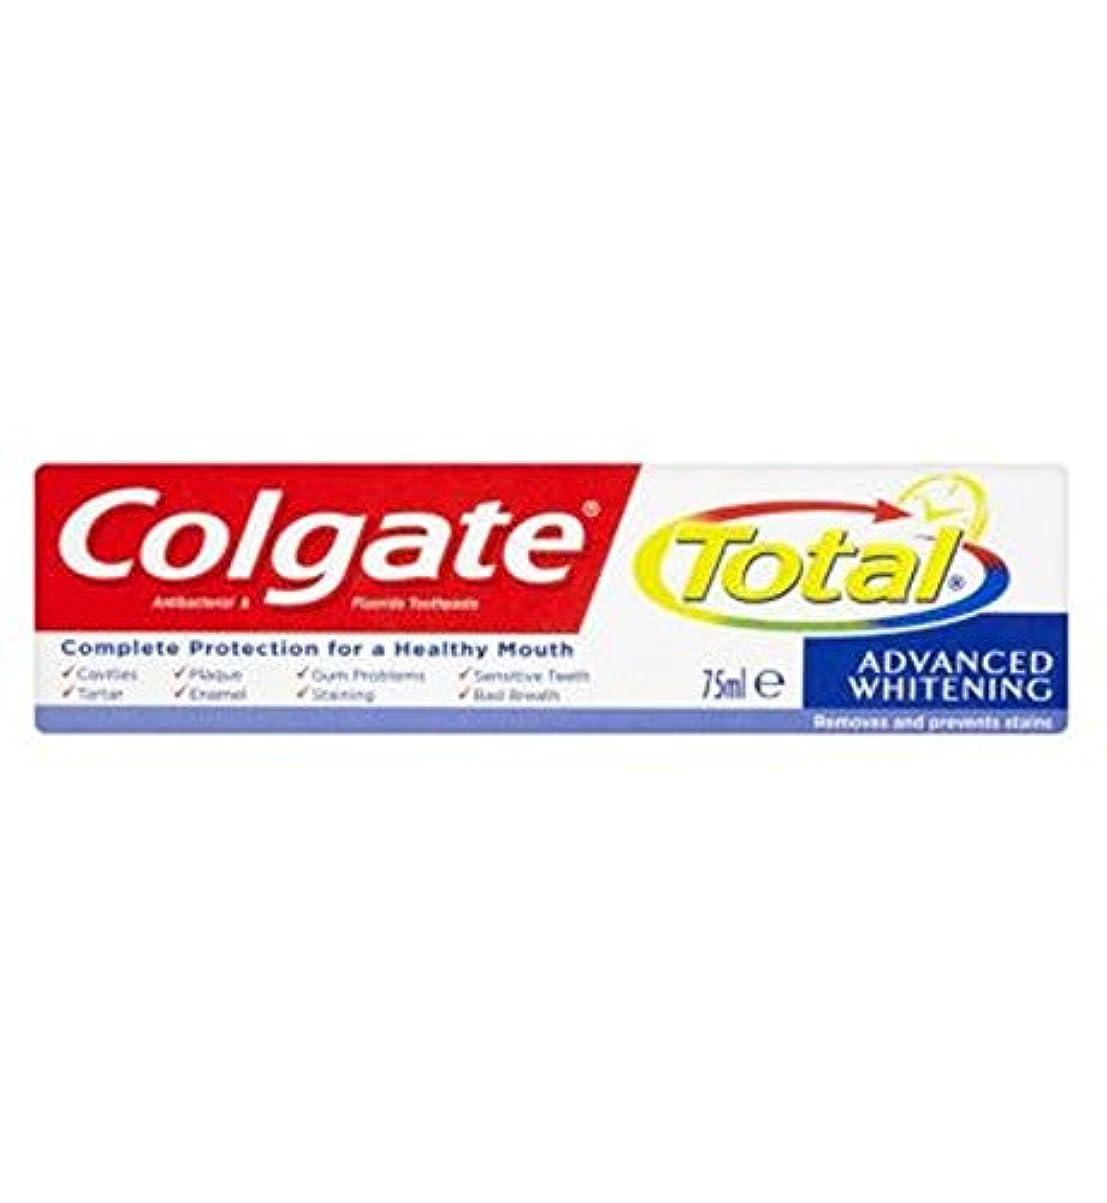 セメントシャックル単独でColgate Total Advanced Whitening toothpaste 75ml - コルゲートトータル高度なホワイトニング歯磨き粉75ミリリットル (Colgate) [並行輸入品]